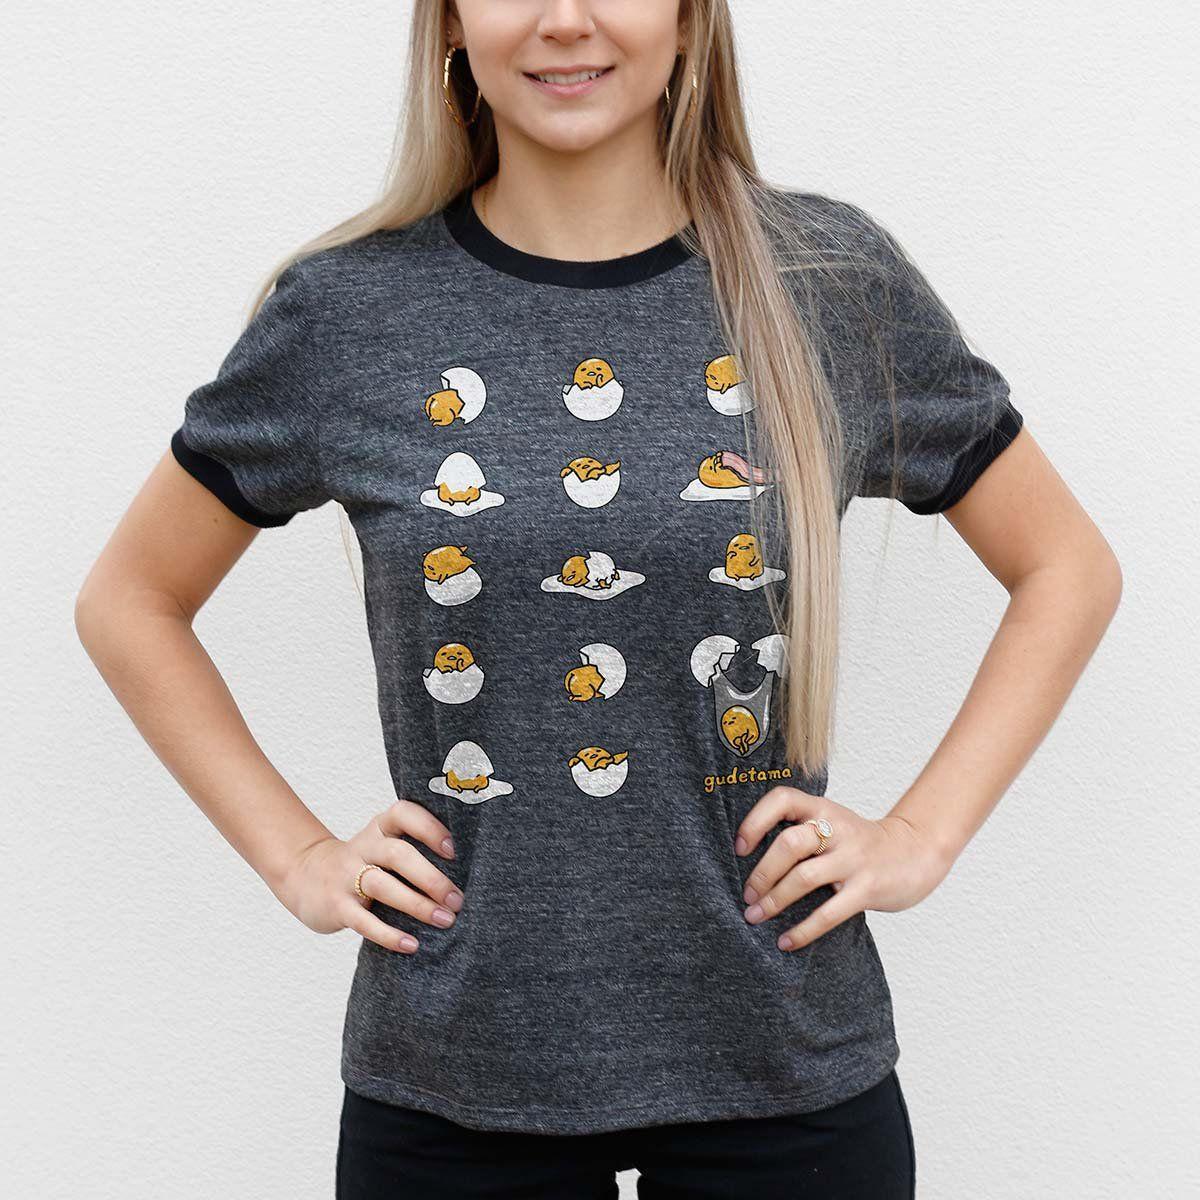 Camiseta Ringer Feminina Gudetama Many Poses  - bandUP Store Marketplace